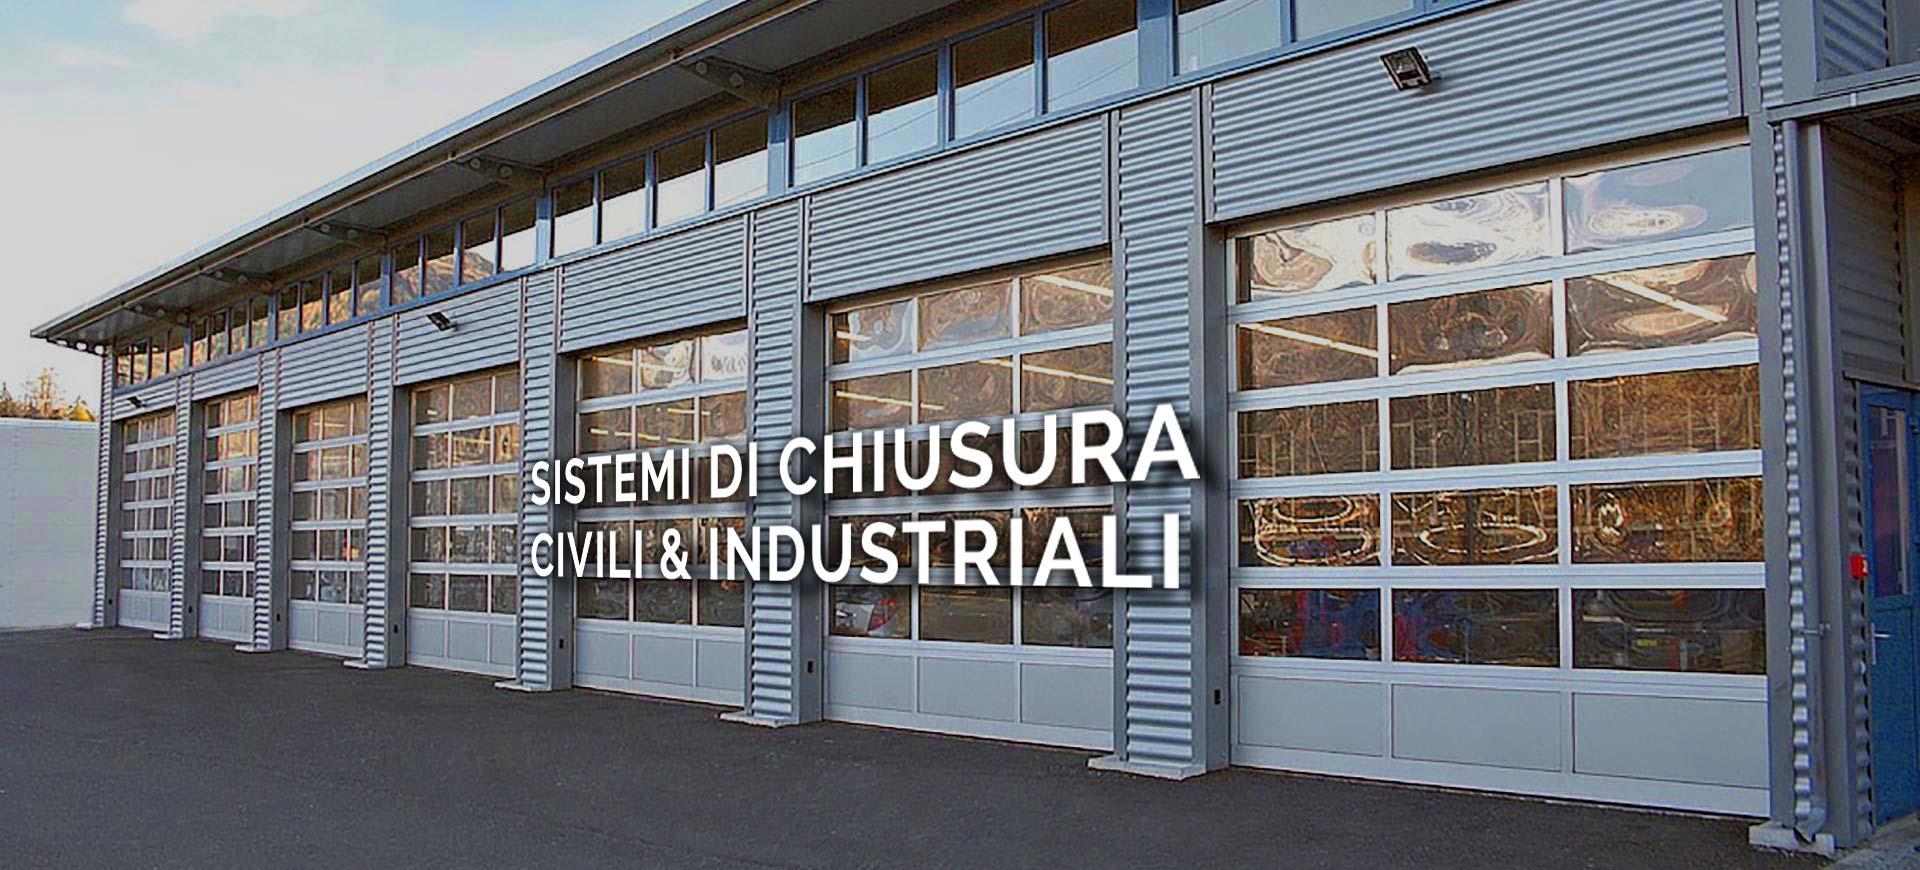 Sistemi di chiusura civili ed industriali